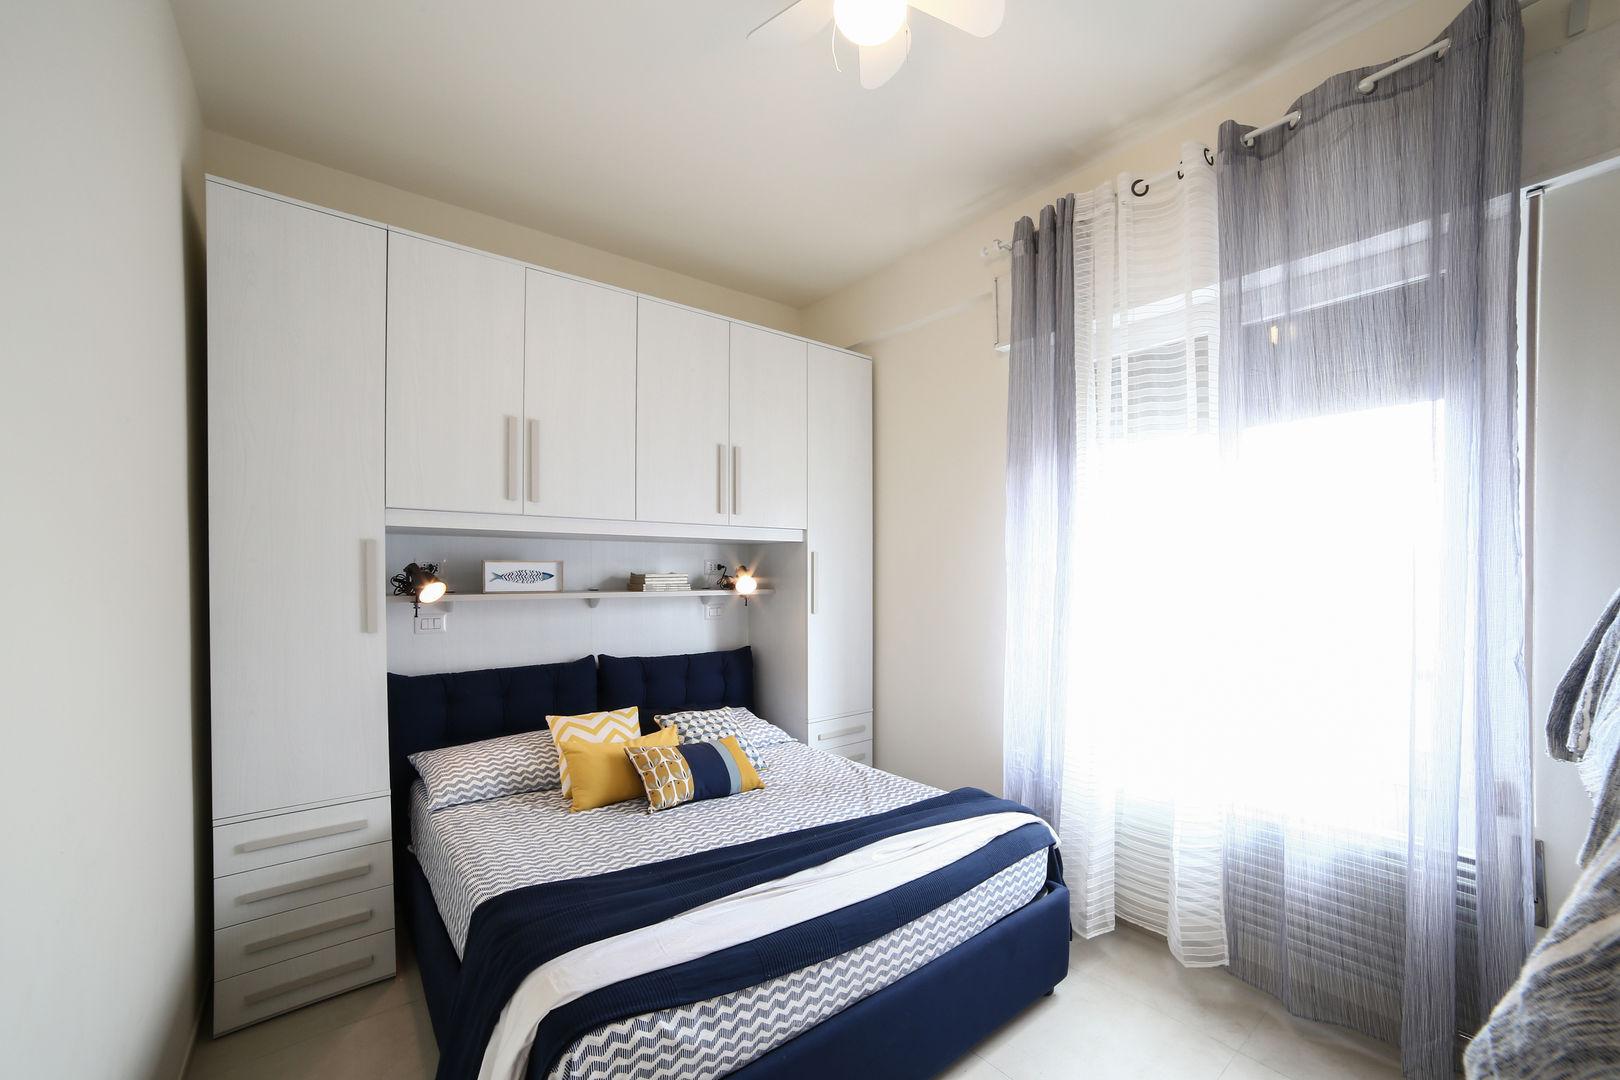 Dise os de cl sets para dormitorios peque os for Disenos de closet para dormitorios pequenos